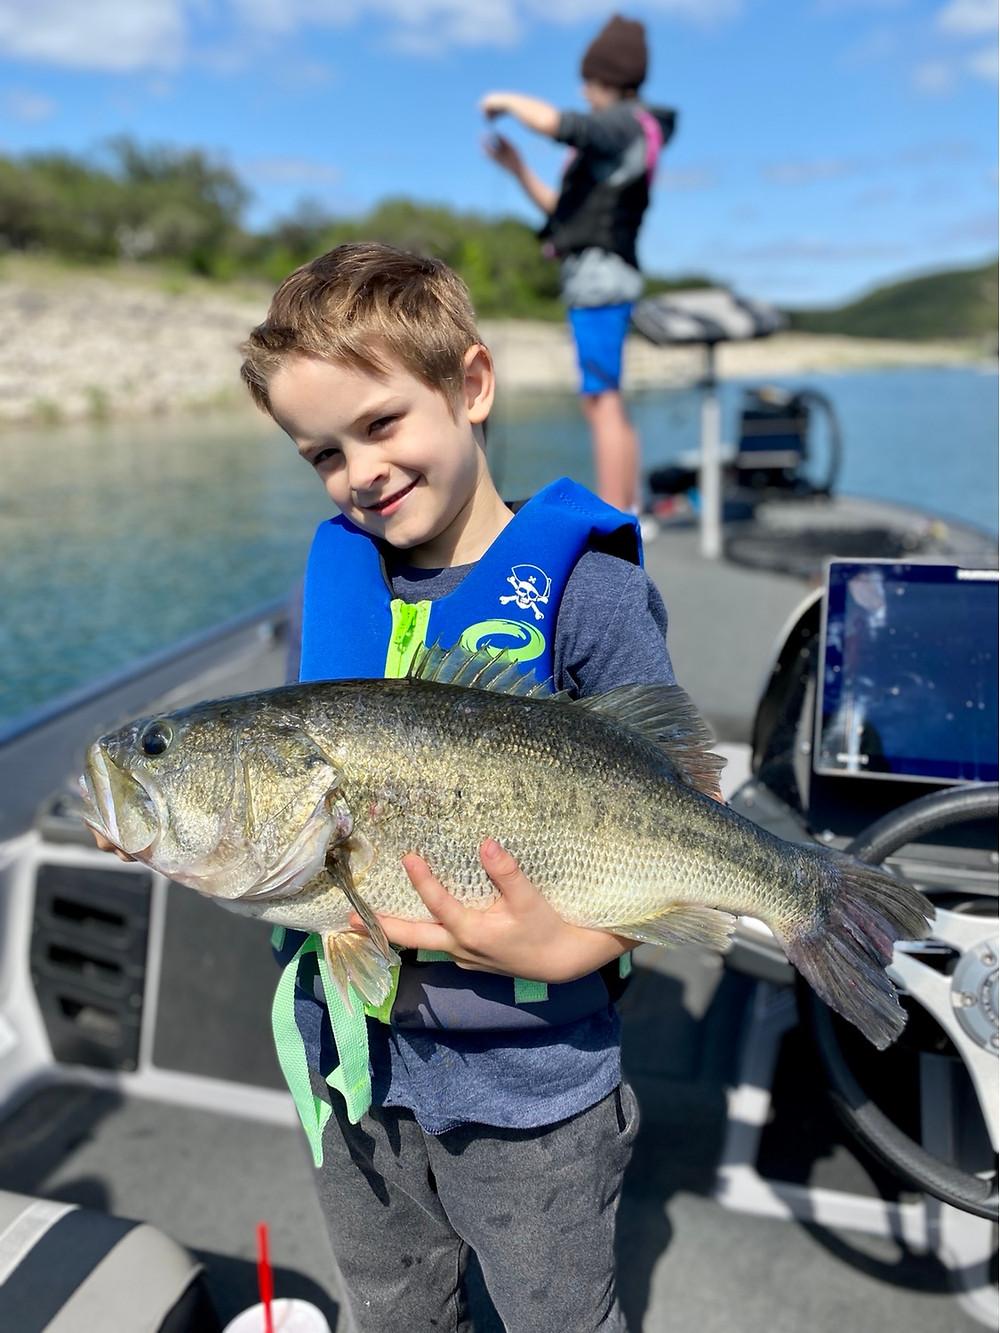 7 pound largemouth bass from Lake Travis